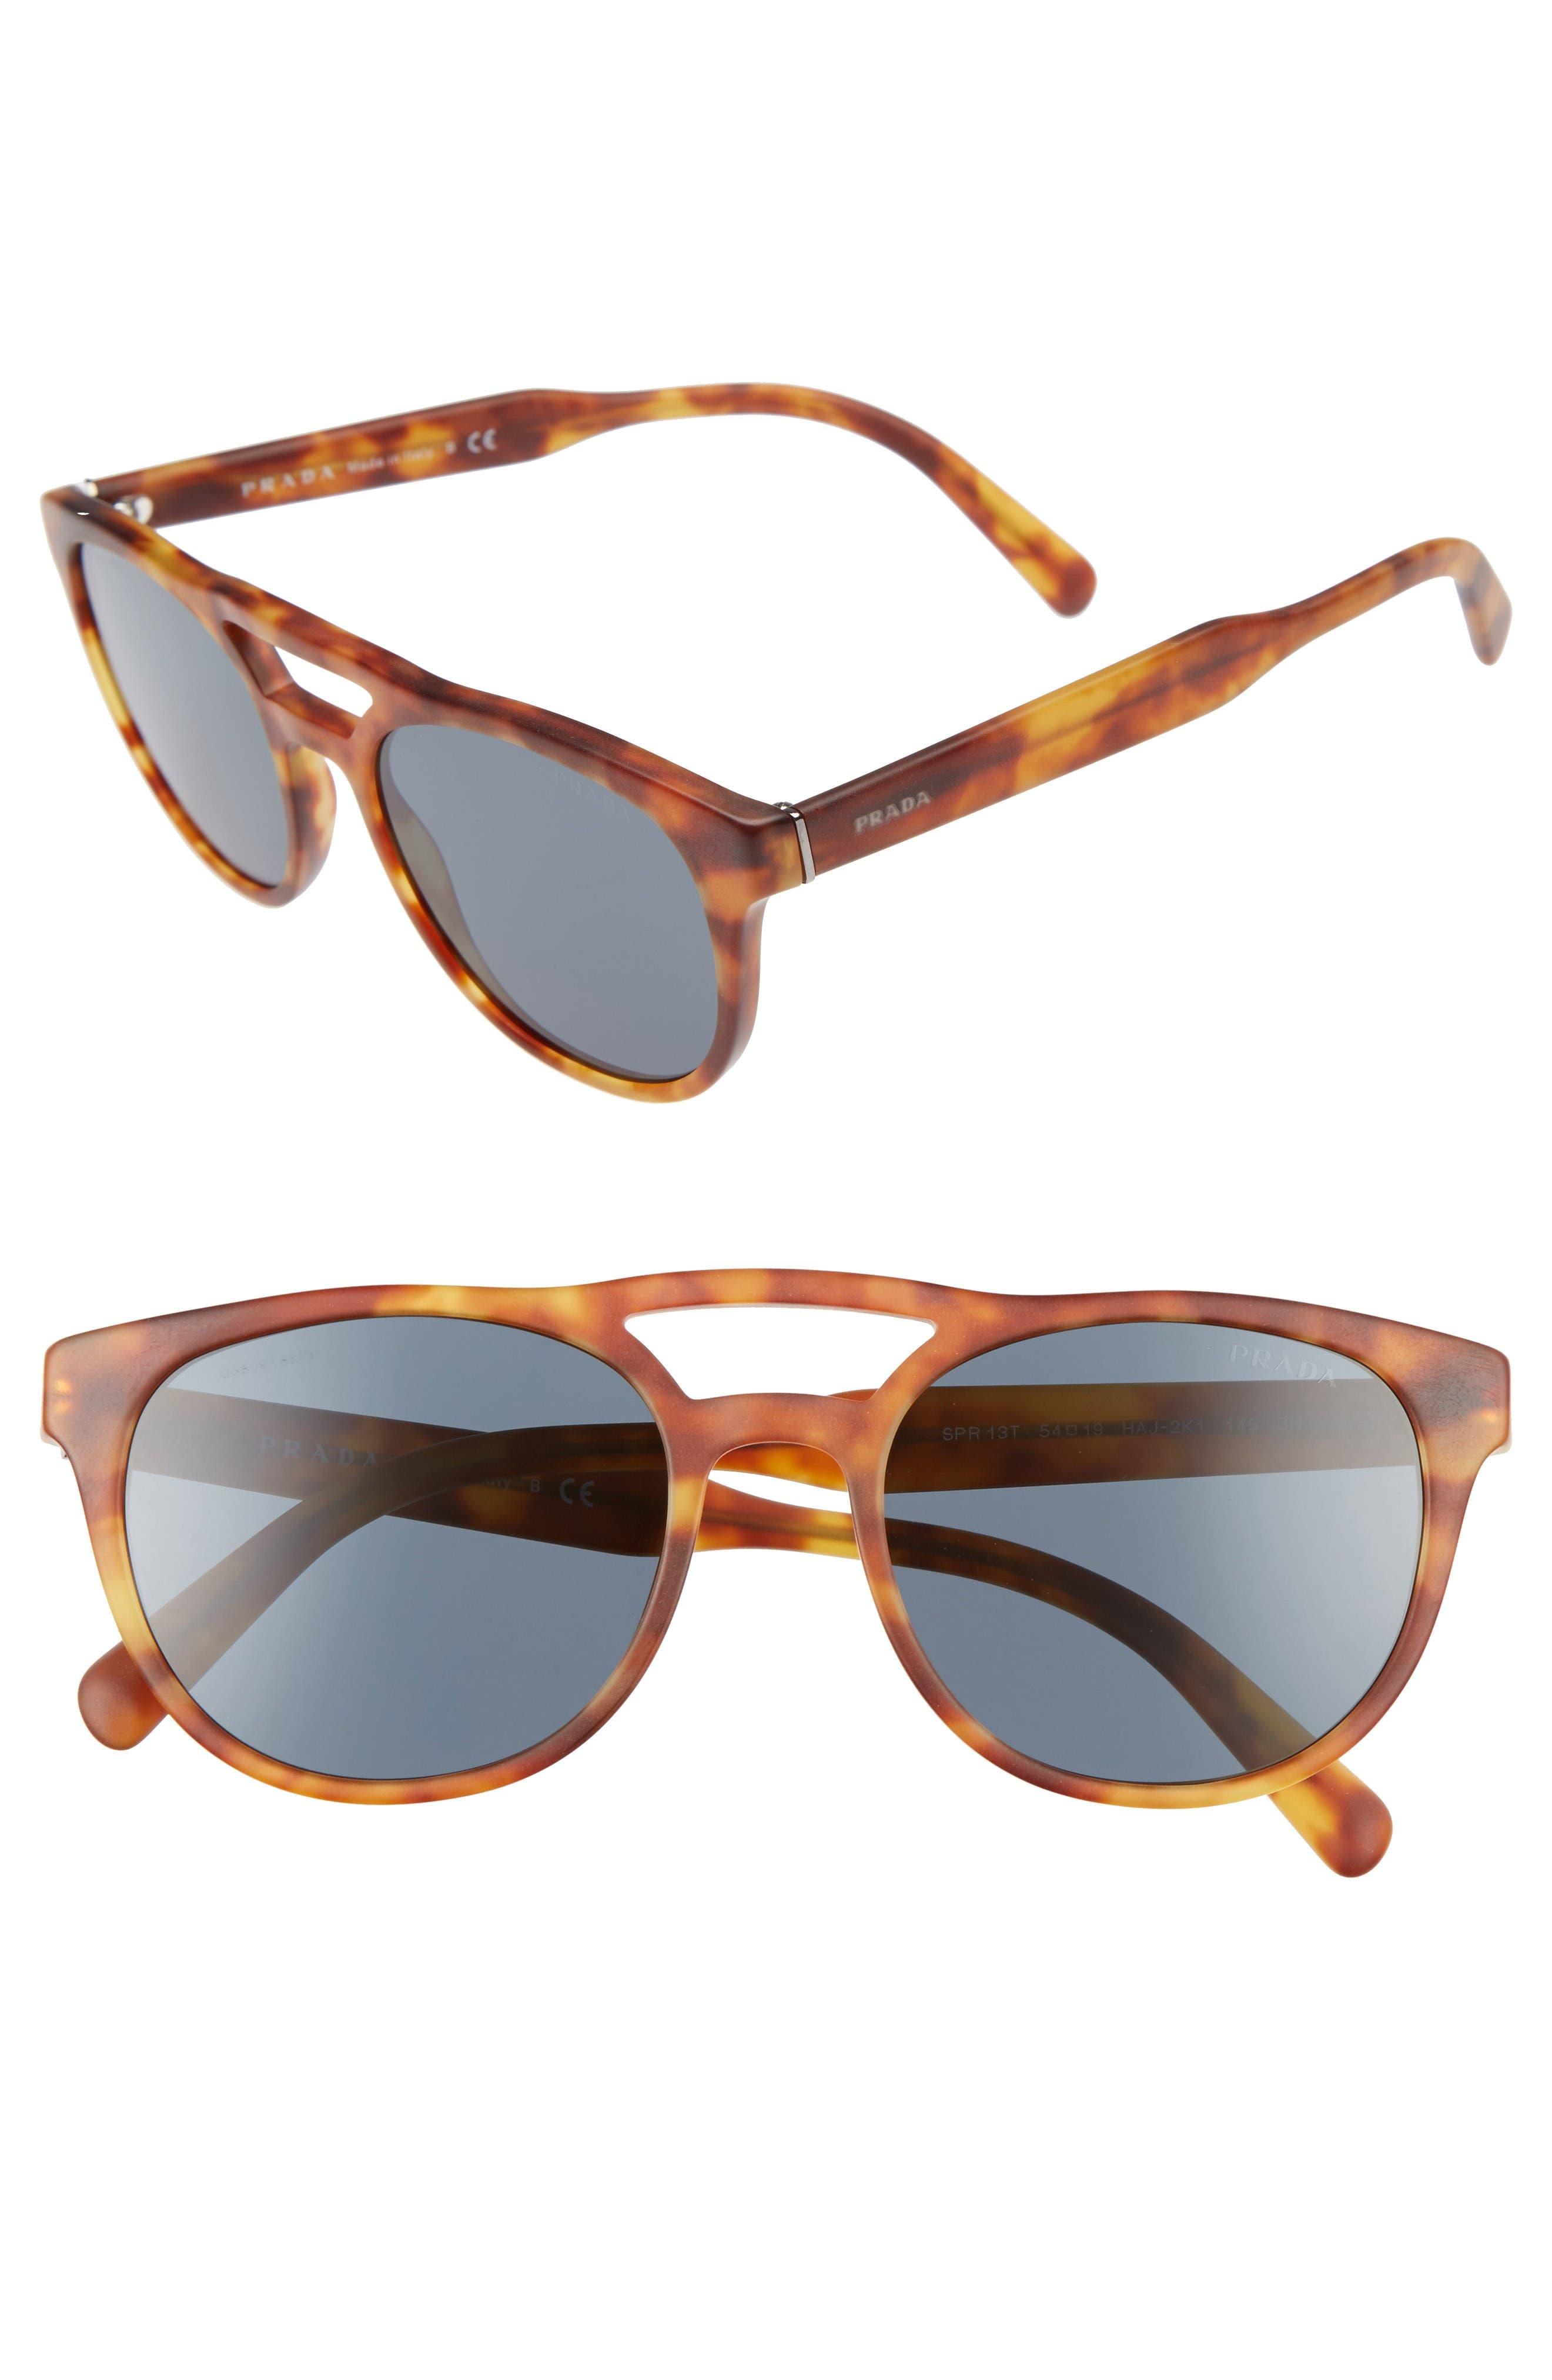 Prada 54mm Square Sunglasses